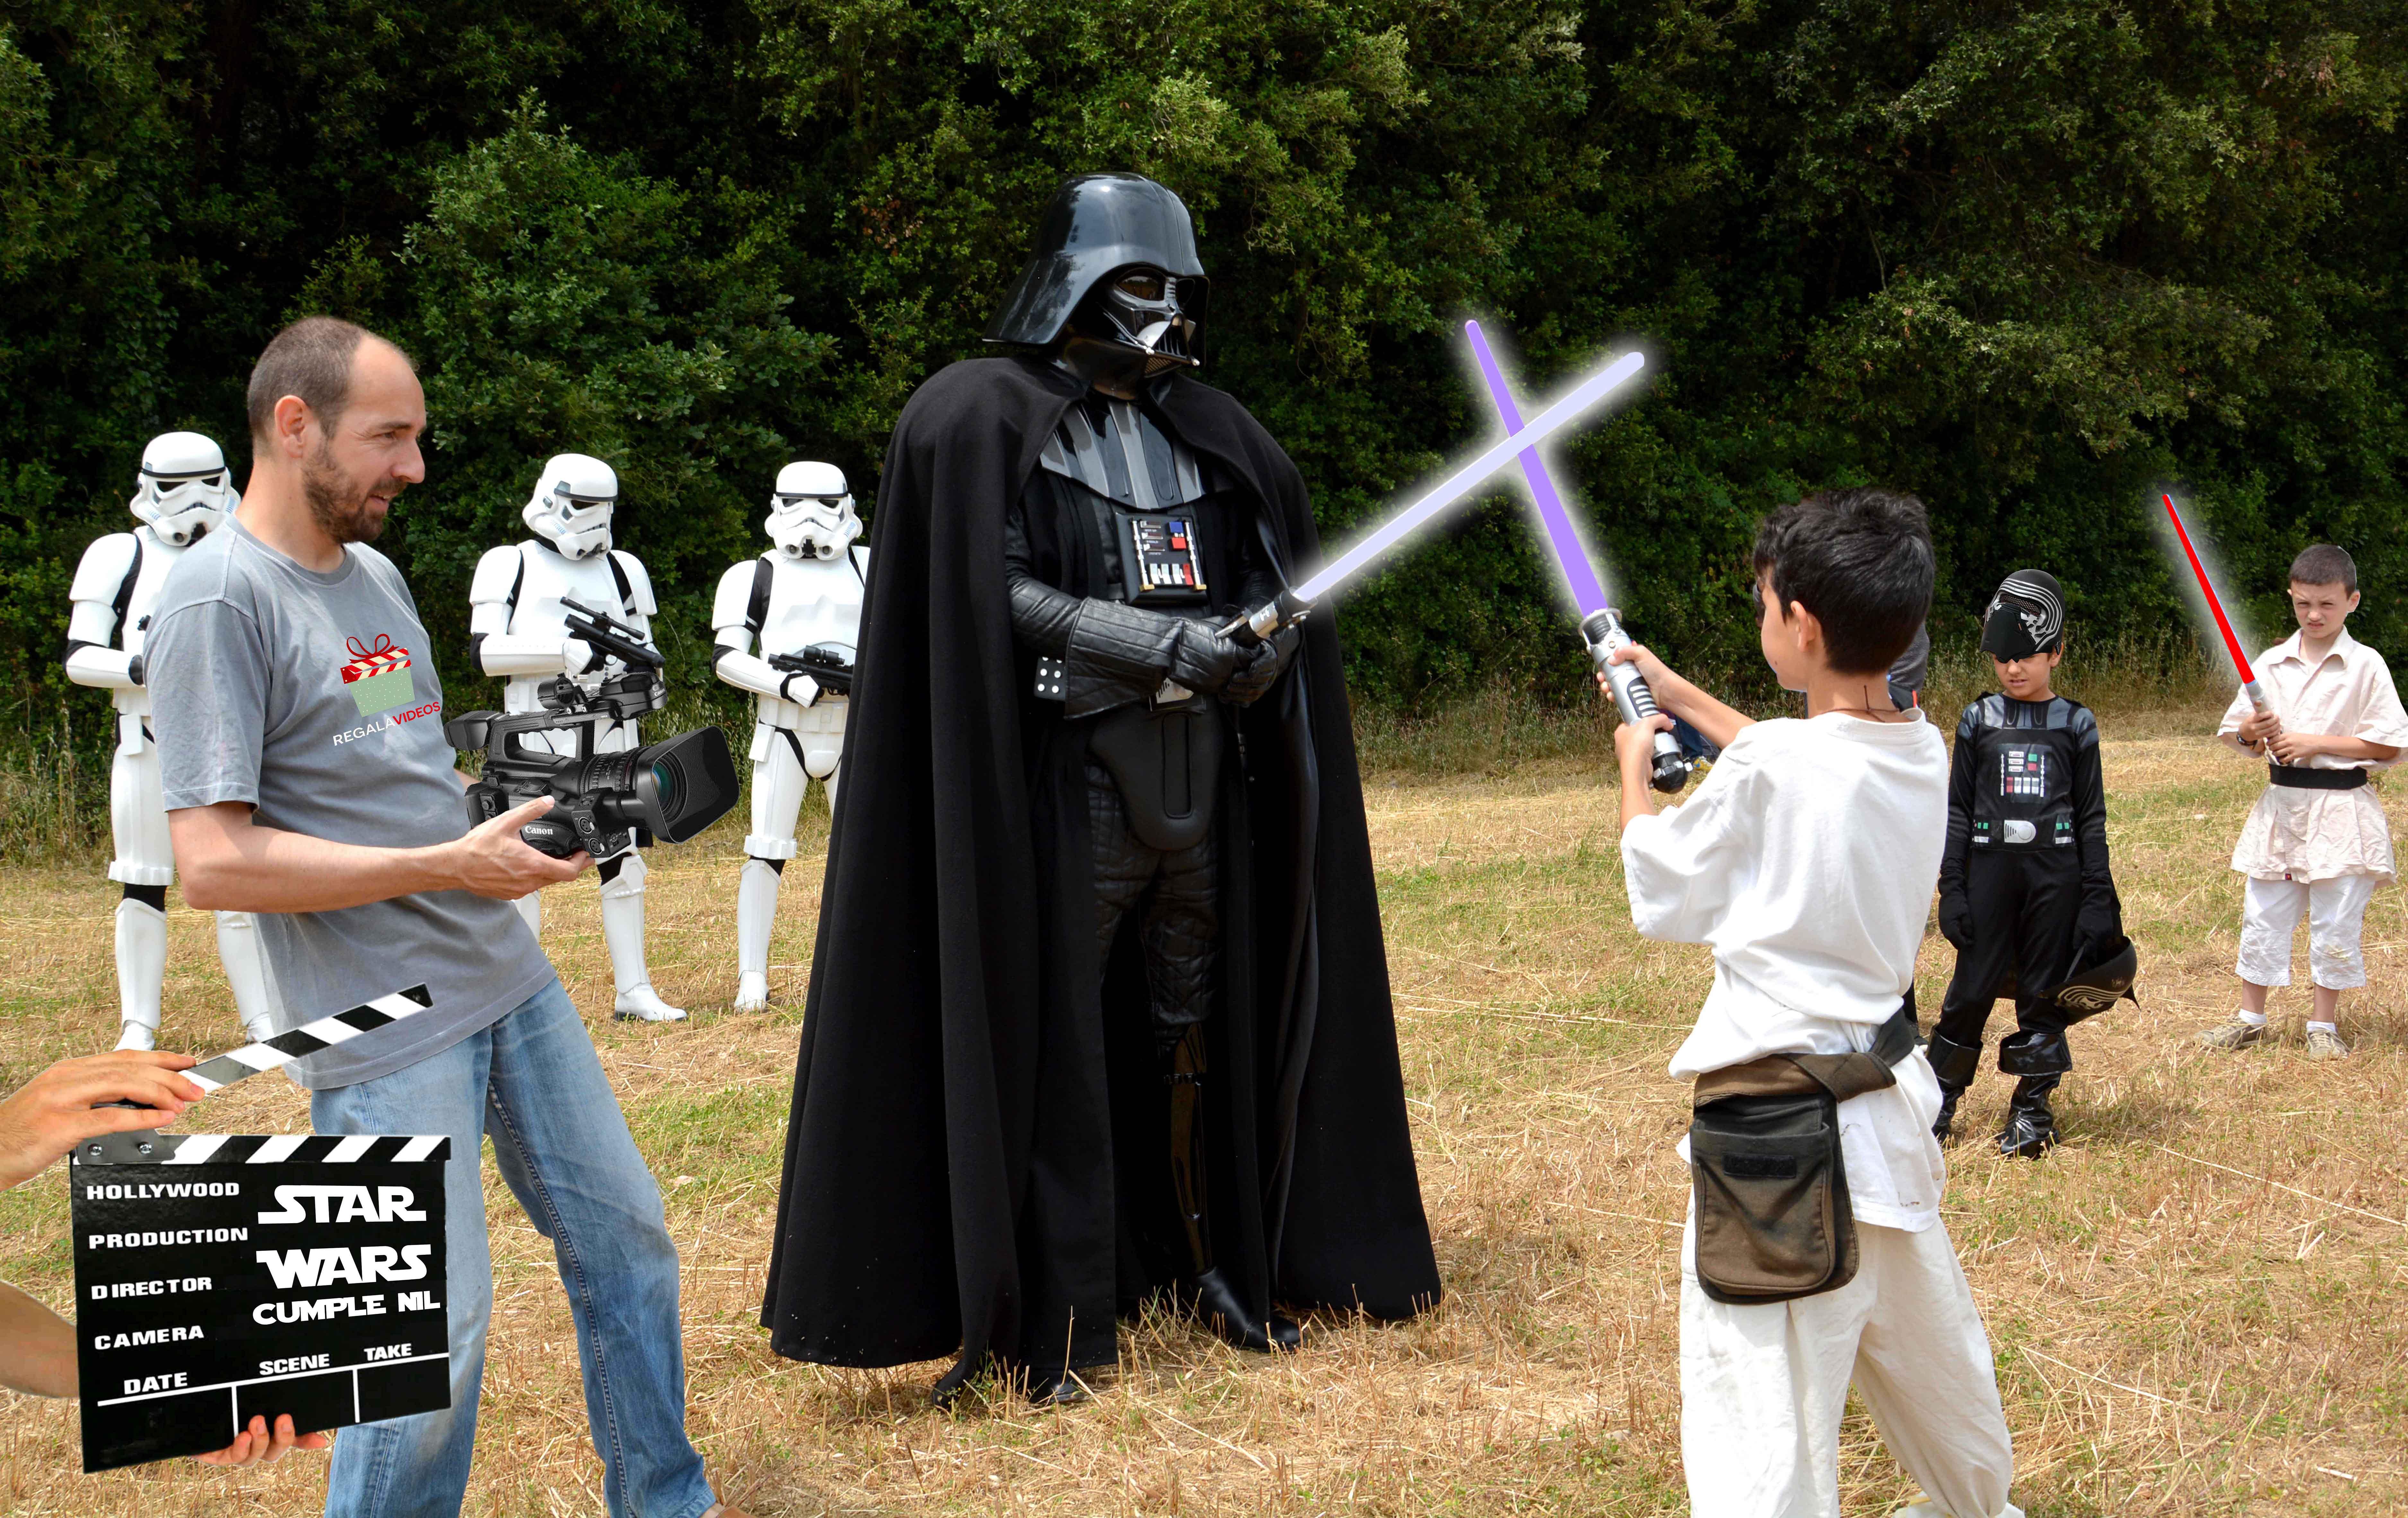 Star wars film regalavideos